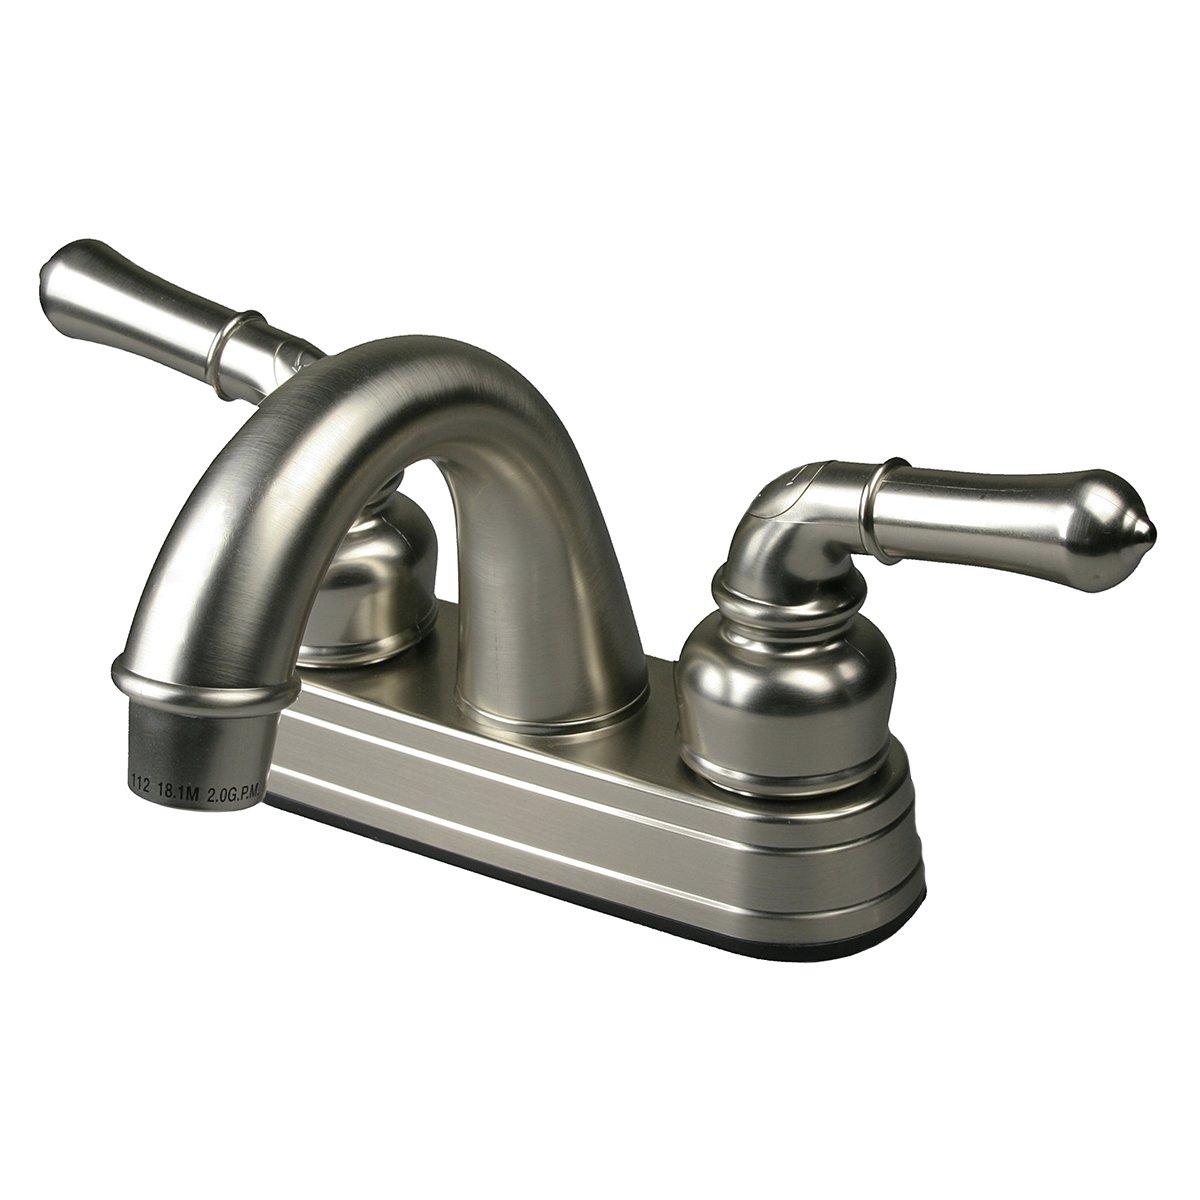 RV / Mobile Home Motor Bathroom Bath Sink Faucet, Brushed Nickel by HowPlumb